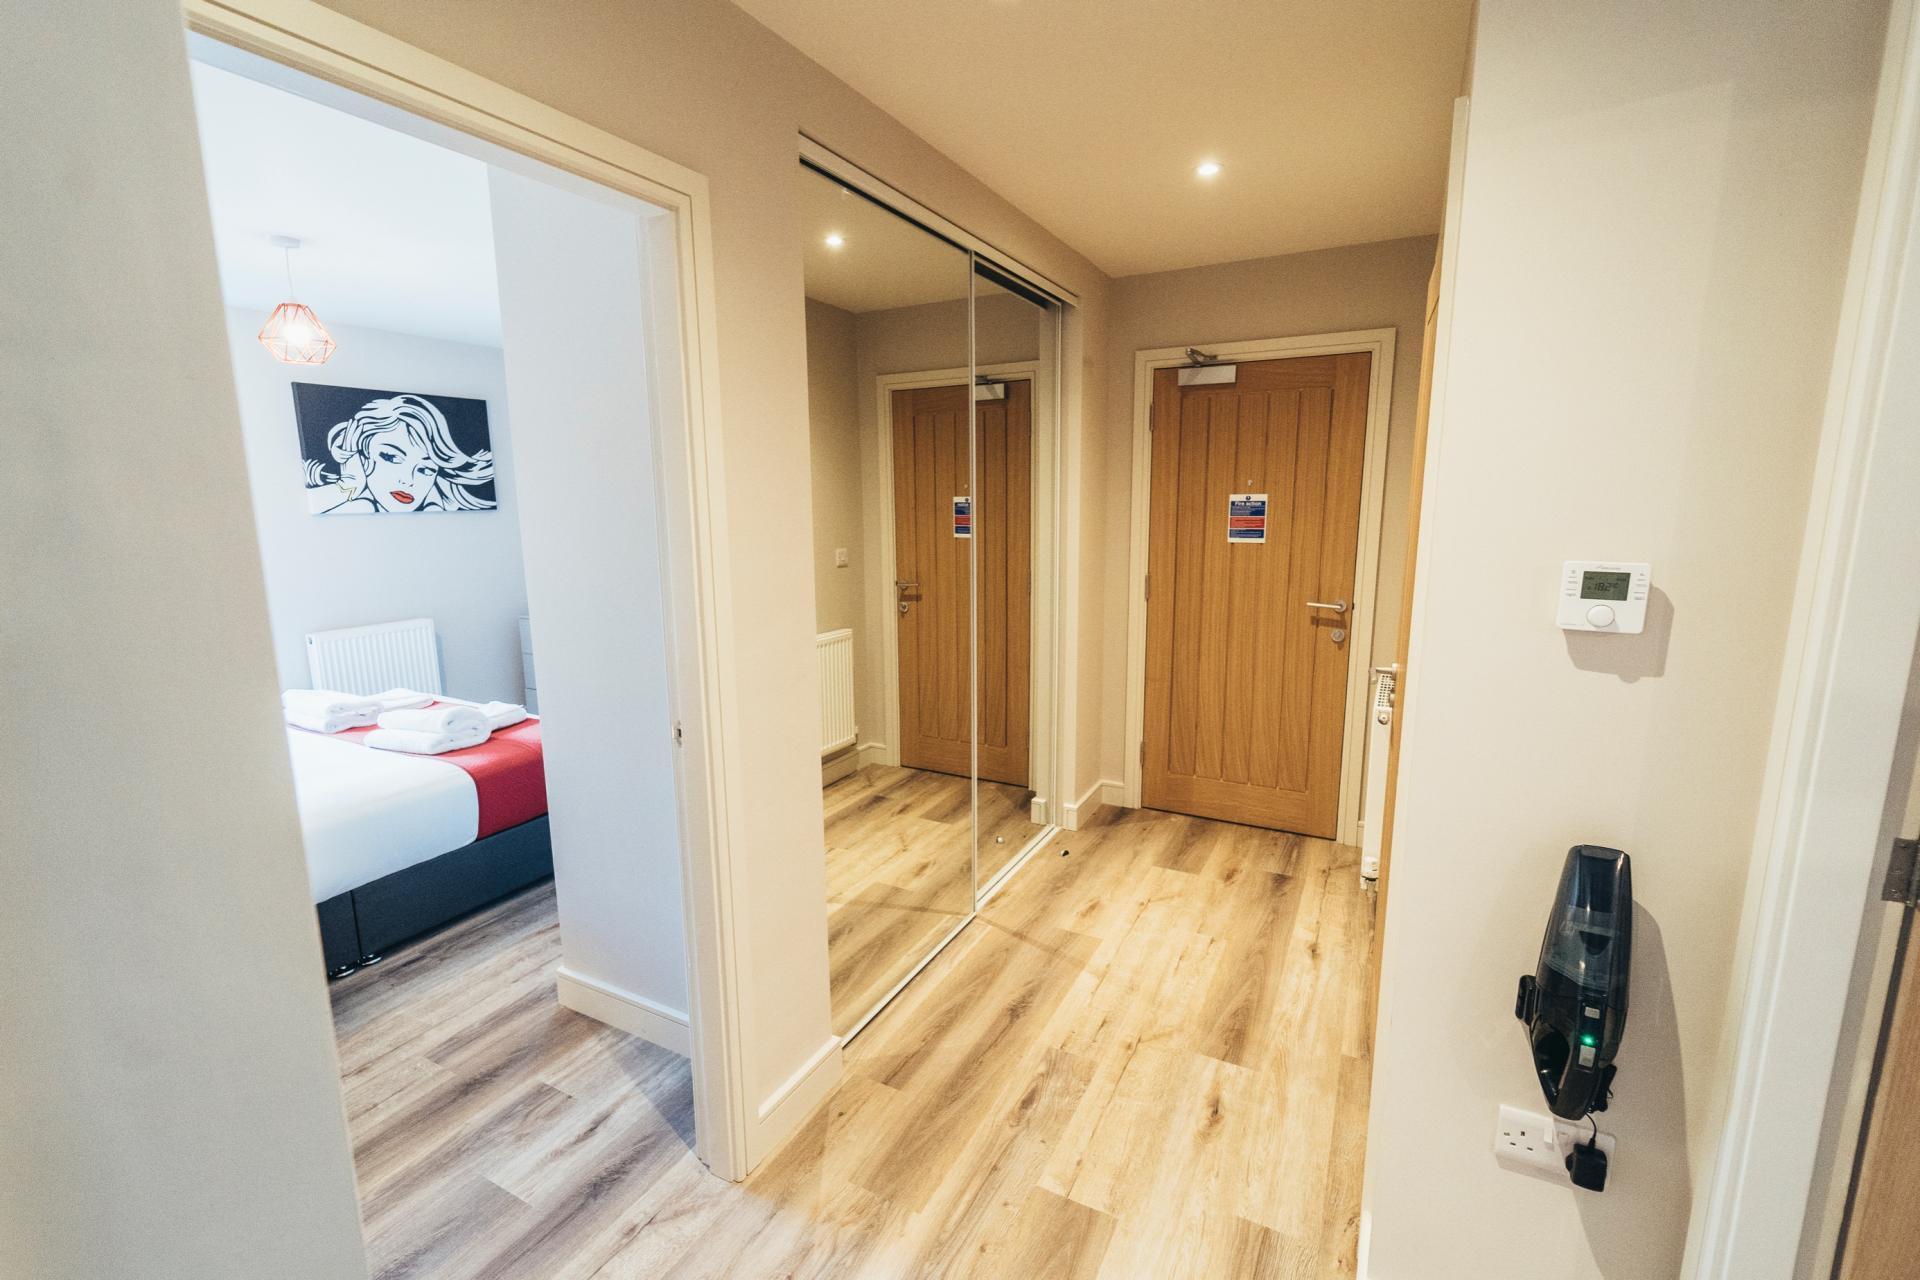 Hallway at Devonshire Court Apartments, West Bridgford, Nottingham